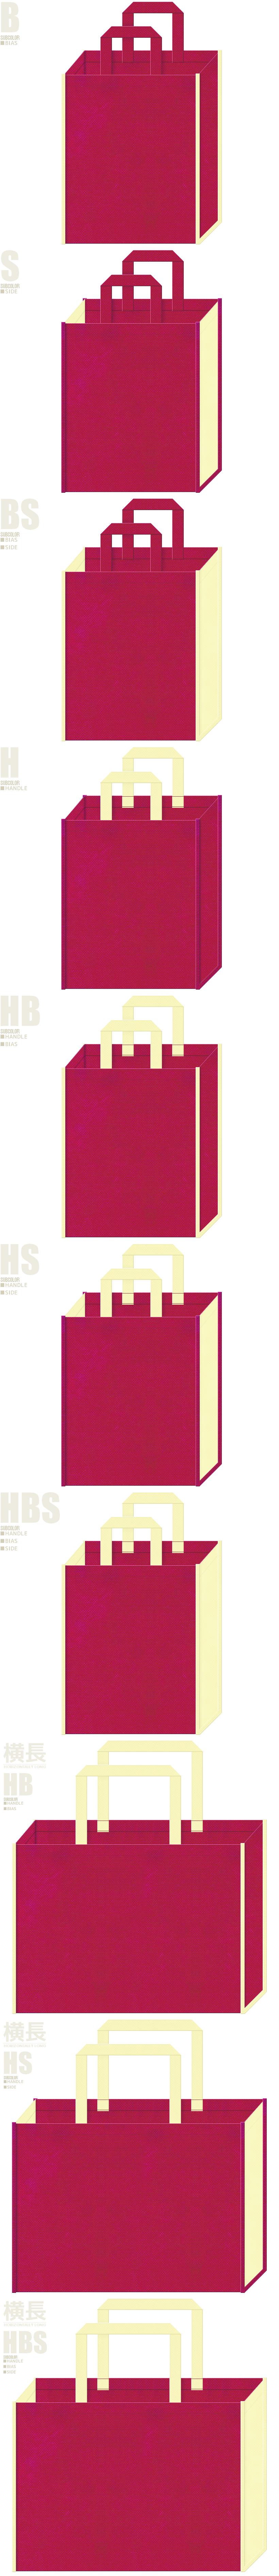 通園バッグ・ひな祭り・むかし話・月・かぐや姫・絵本・キッズイベント・女子イベントにお奨めの不織布バッグデザイン:濃いピンク色と薄黄色の配色7パターン